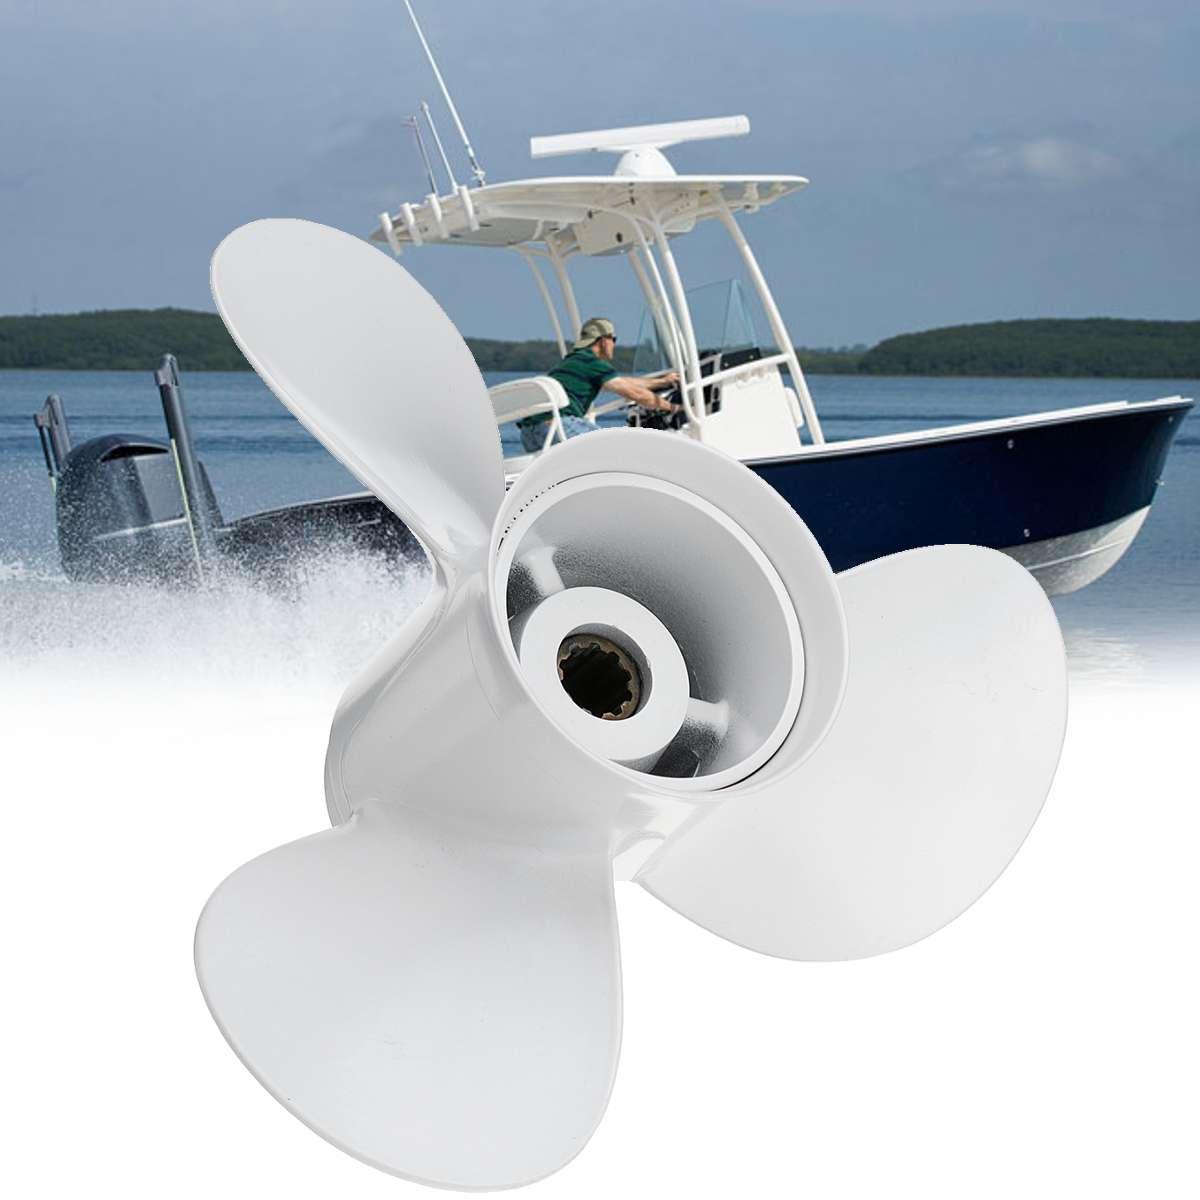 Barca Fuoribordo Elica 664-45952-00-EL Per Yamaha 20-30HP 9 7/8x14 In Alluminio 10 Spline Tooths Bianco 3 Lame R Rotazione